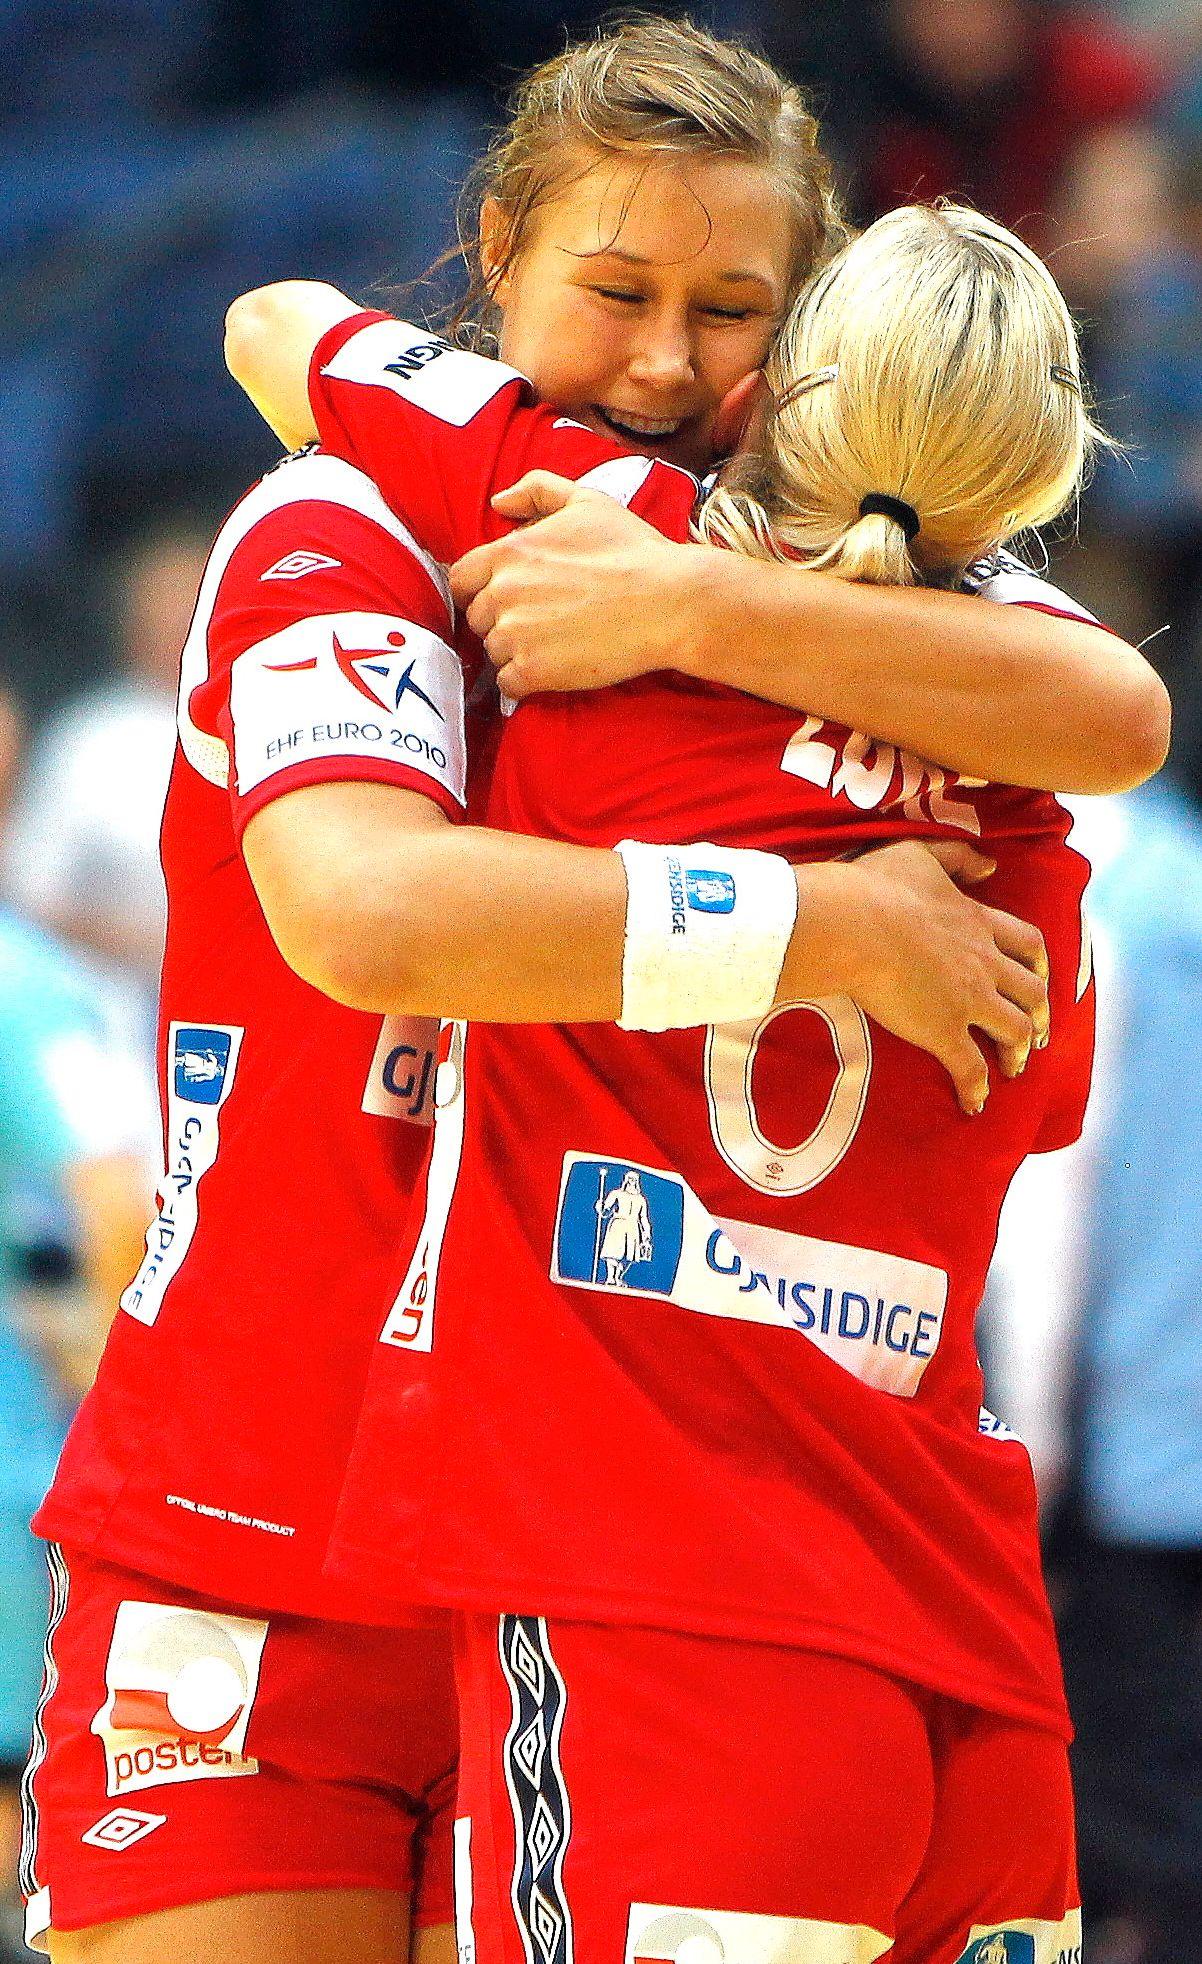 NYGAMMEL RESERVE: Marit Malm Frafjord gjør «comeback» som Heidi Løkes reserve under Rio-OL. Her er duoen etter en kamp under EM 2010.